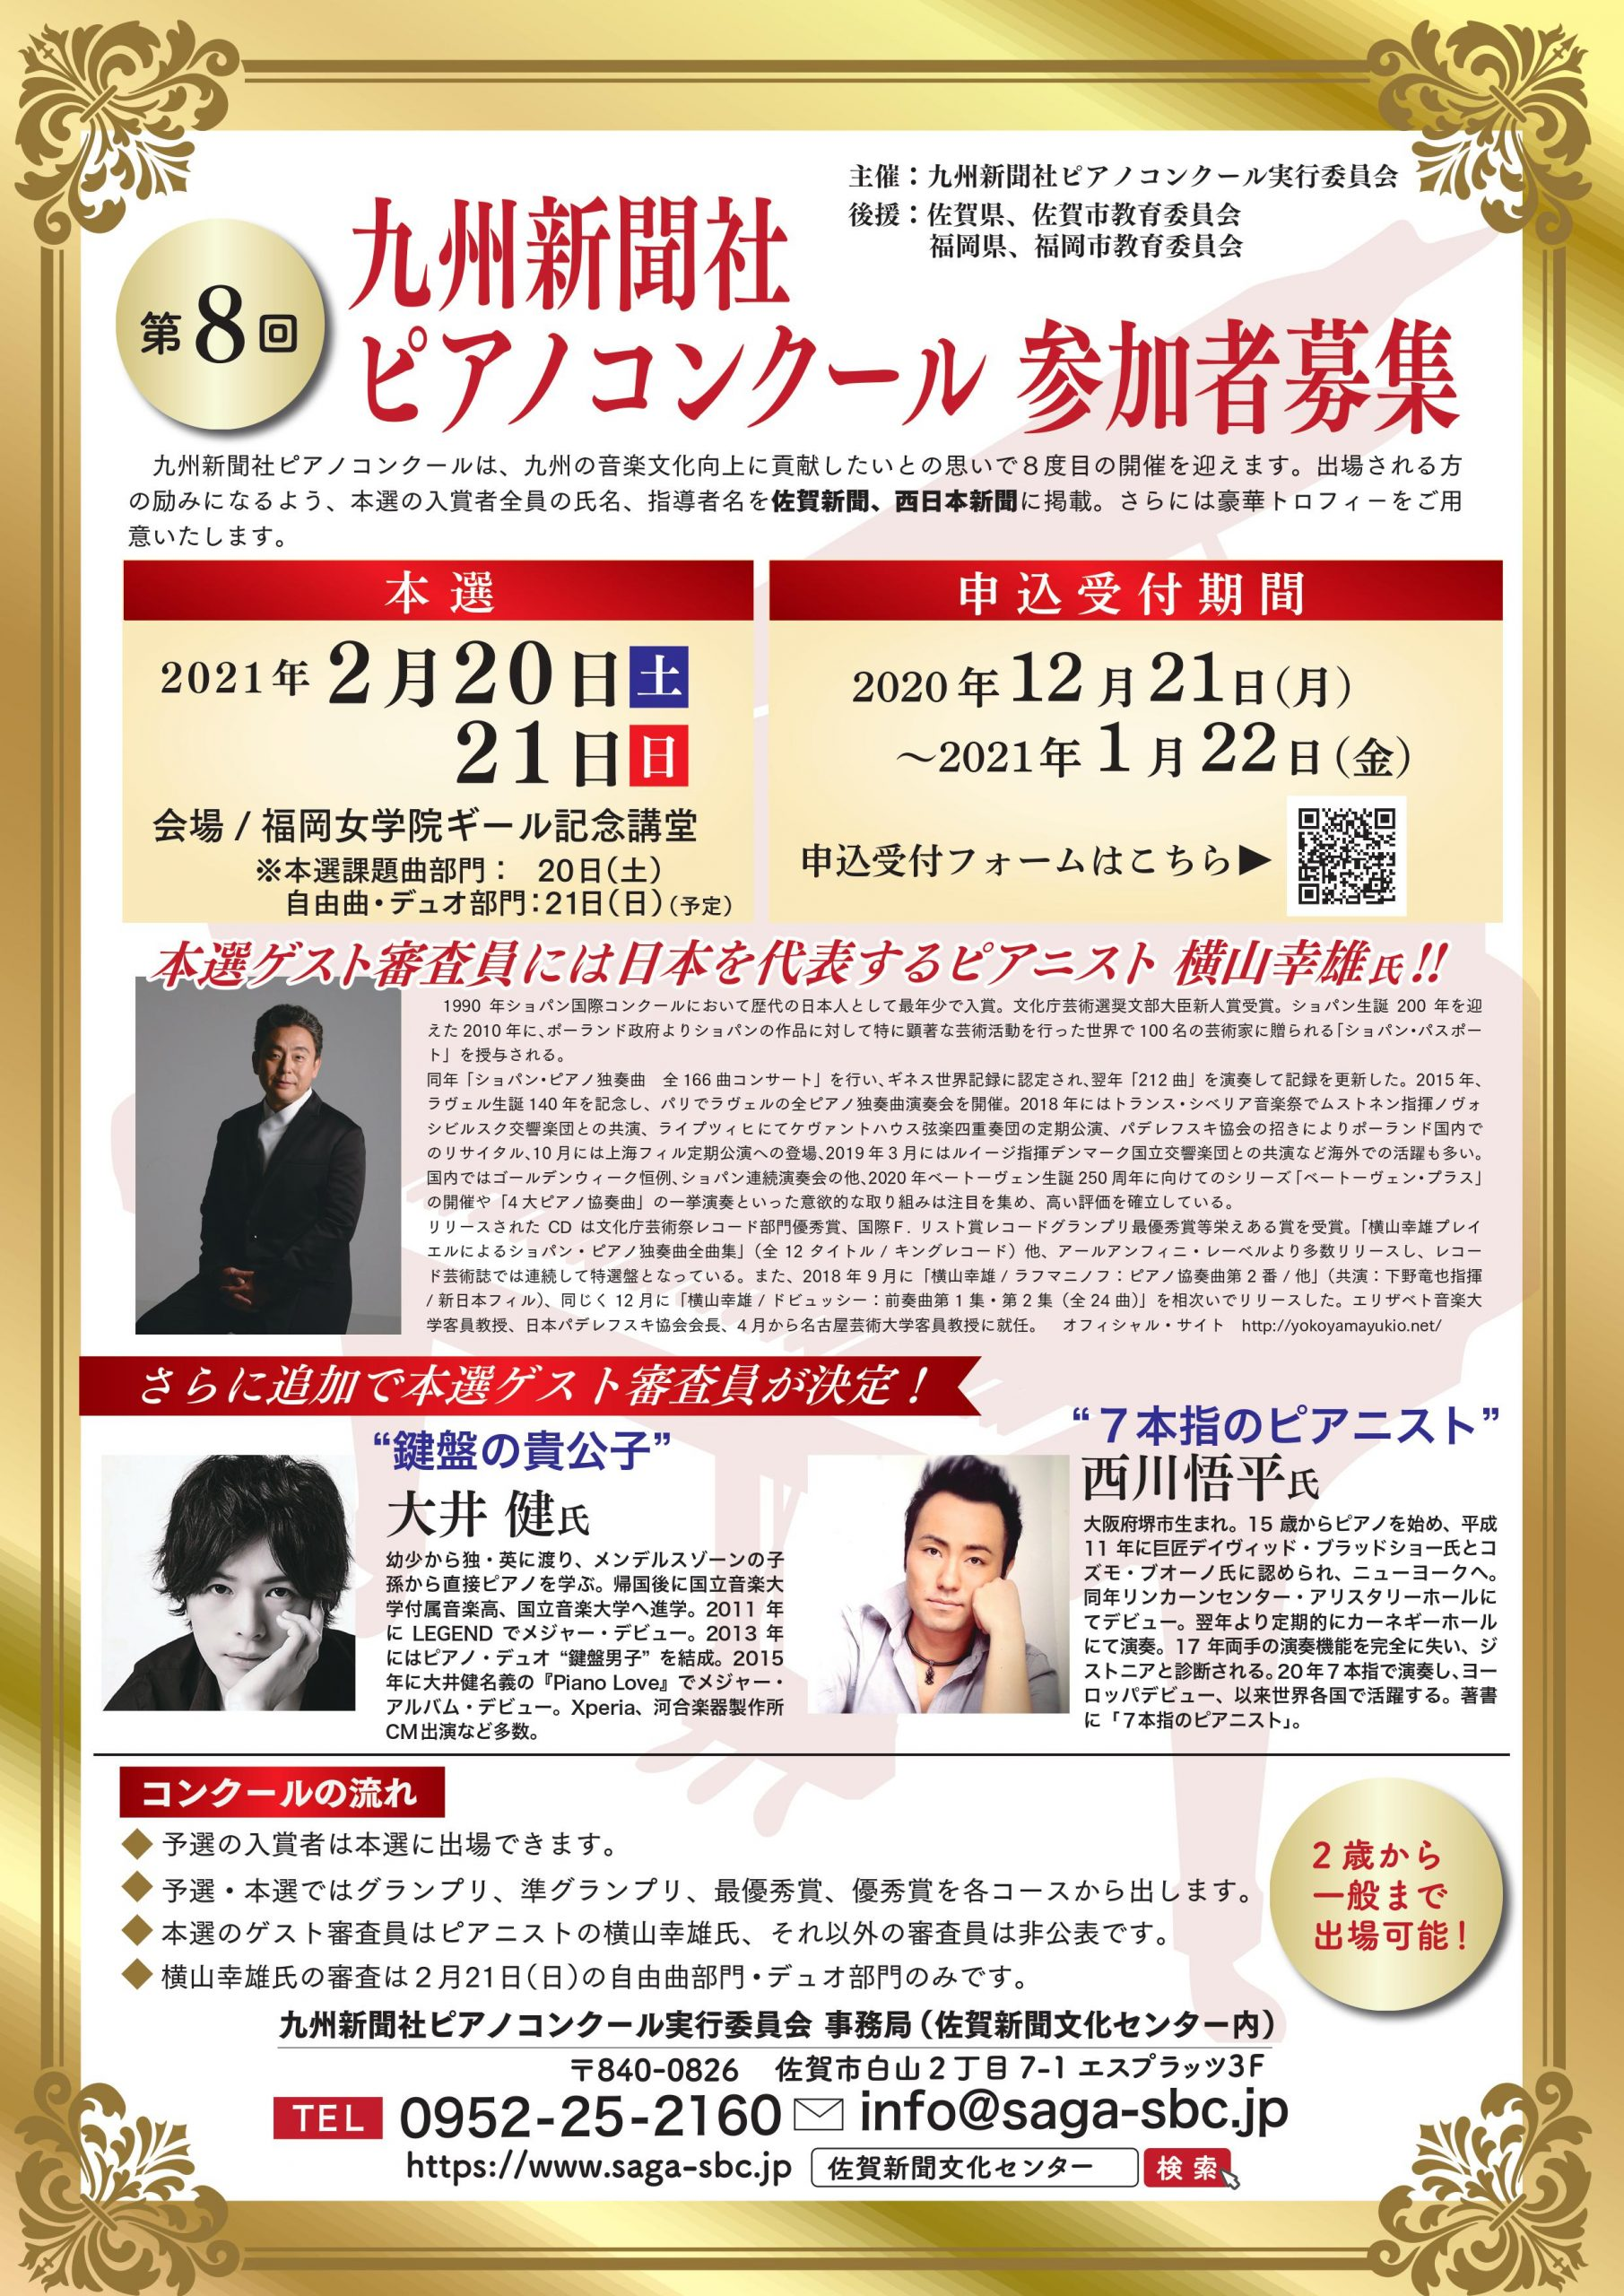 第8回九州新聞社ピアノコンクール(本選)のお知らせ   SBC